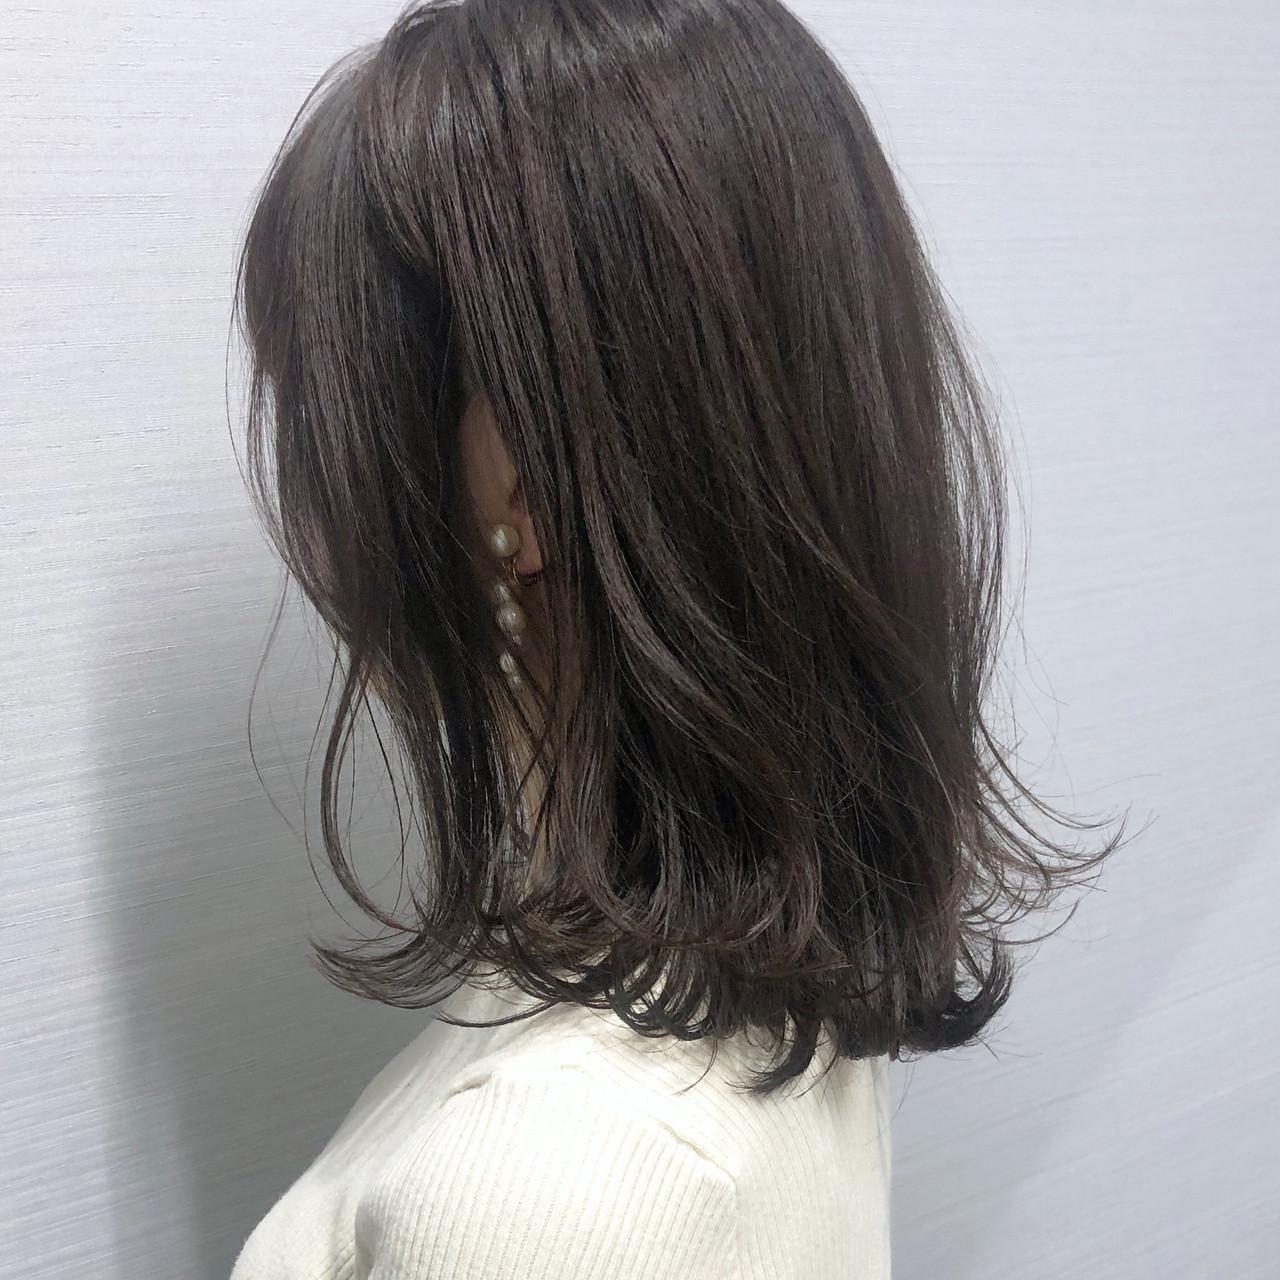 ミディアム ベージュ 切りっぱなし ナチュラル ヘアスタイルや髪型の写真・画像